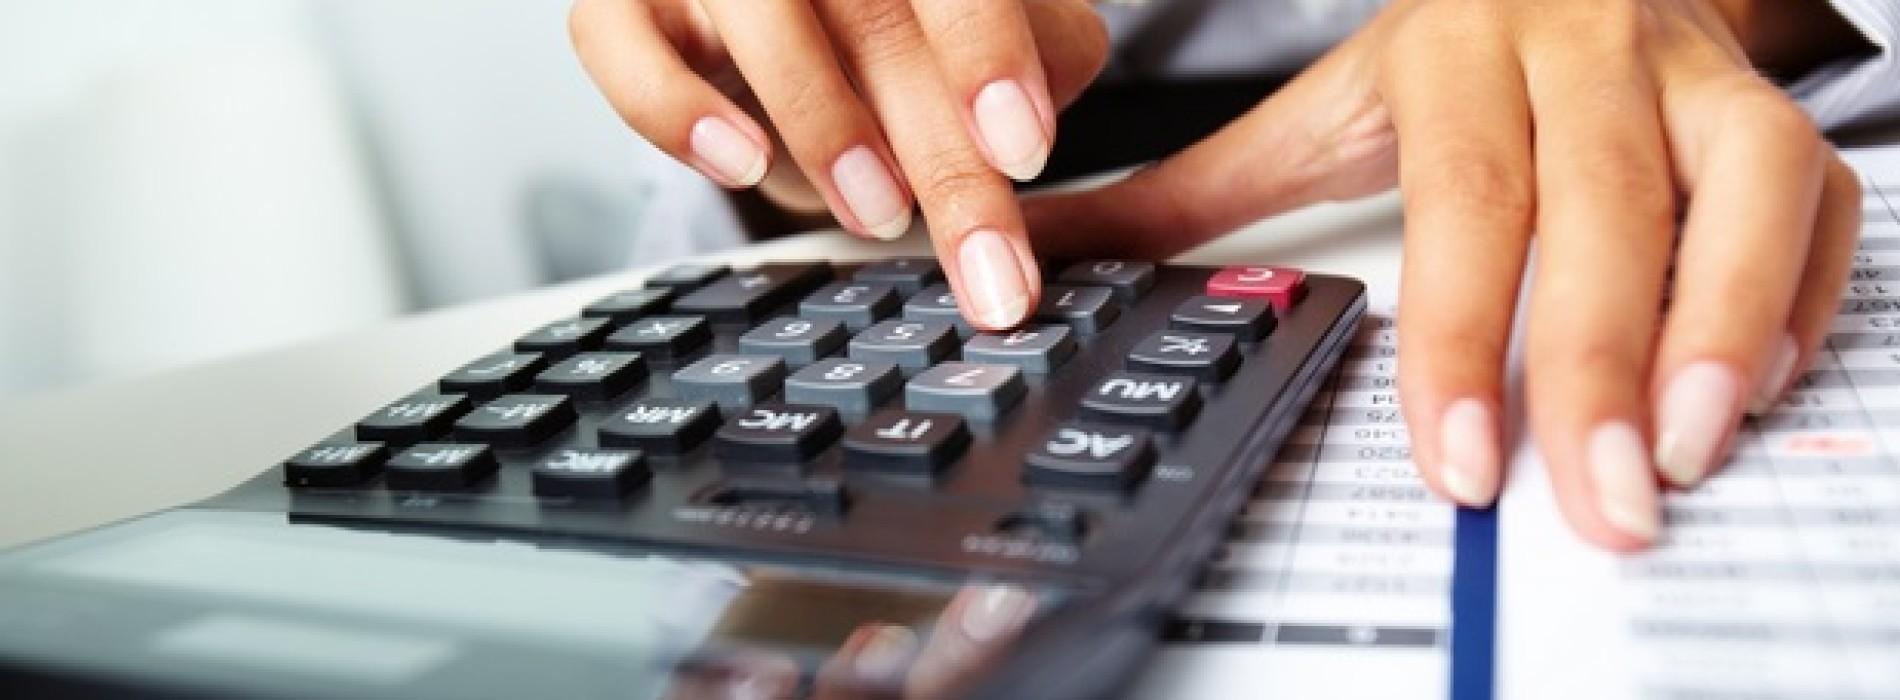 Faktury korygujące in plus – kiedy odliczyć naliczony podatek?